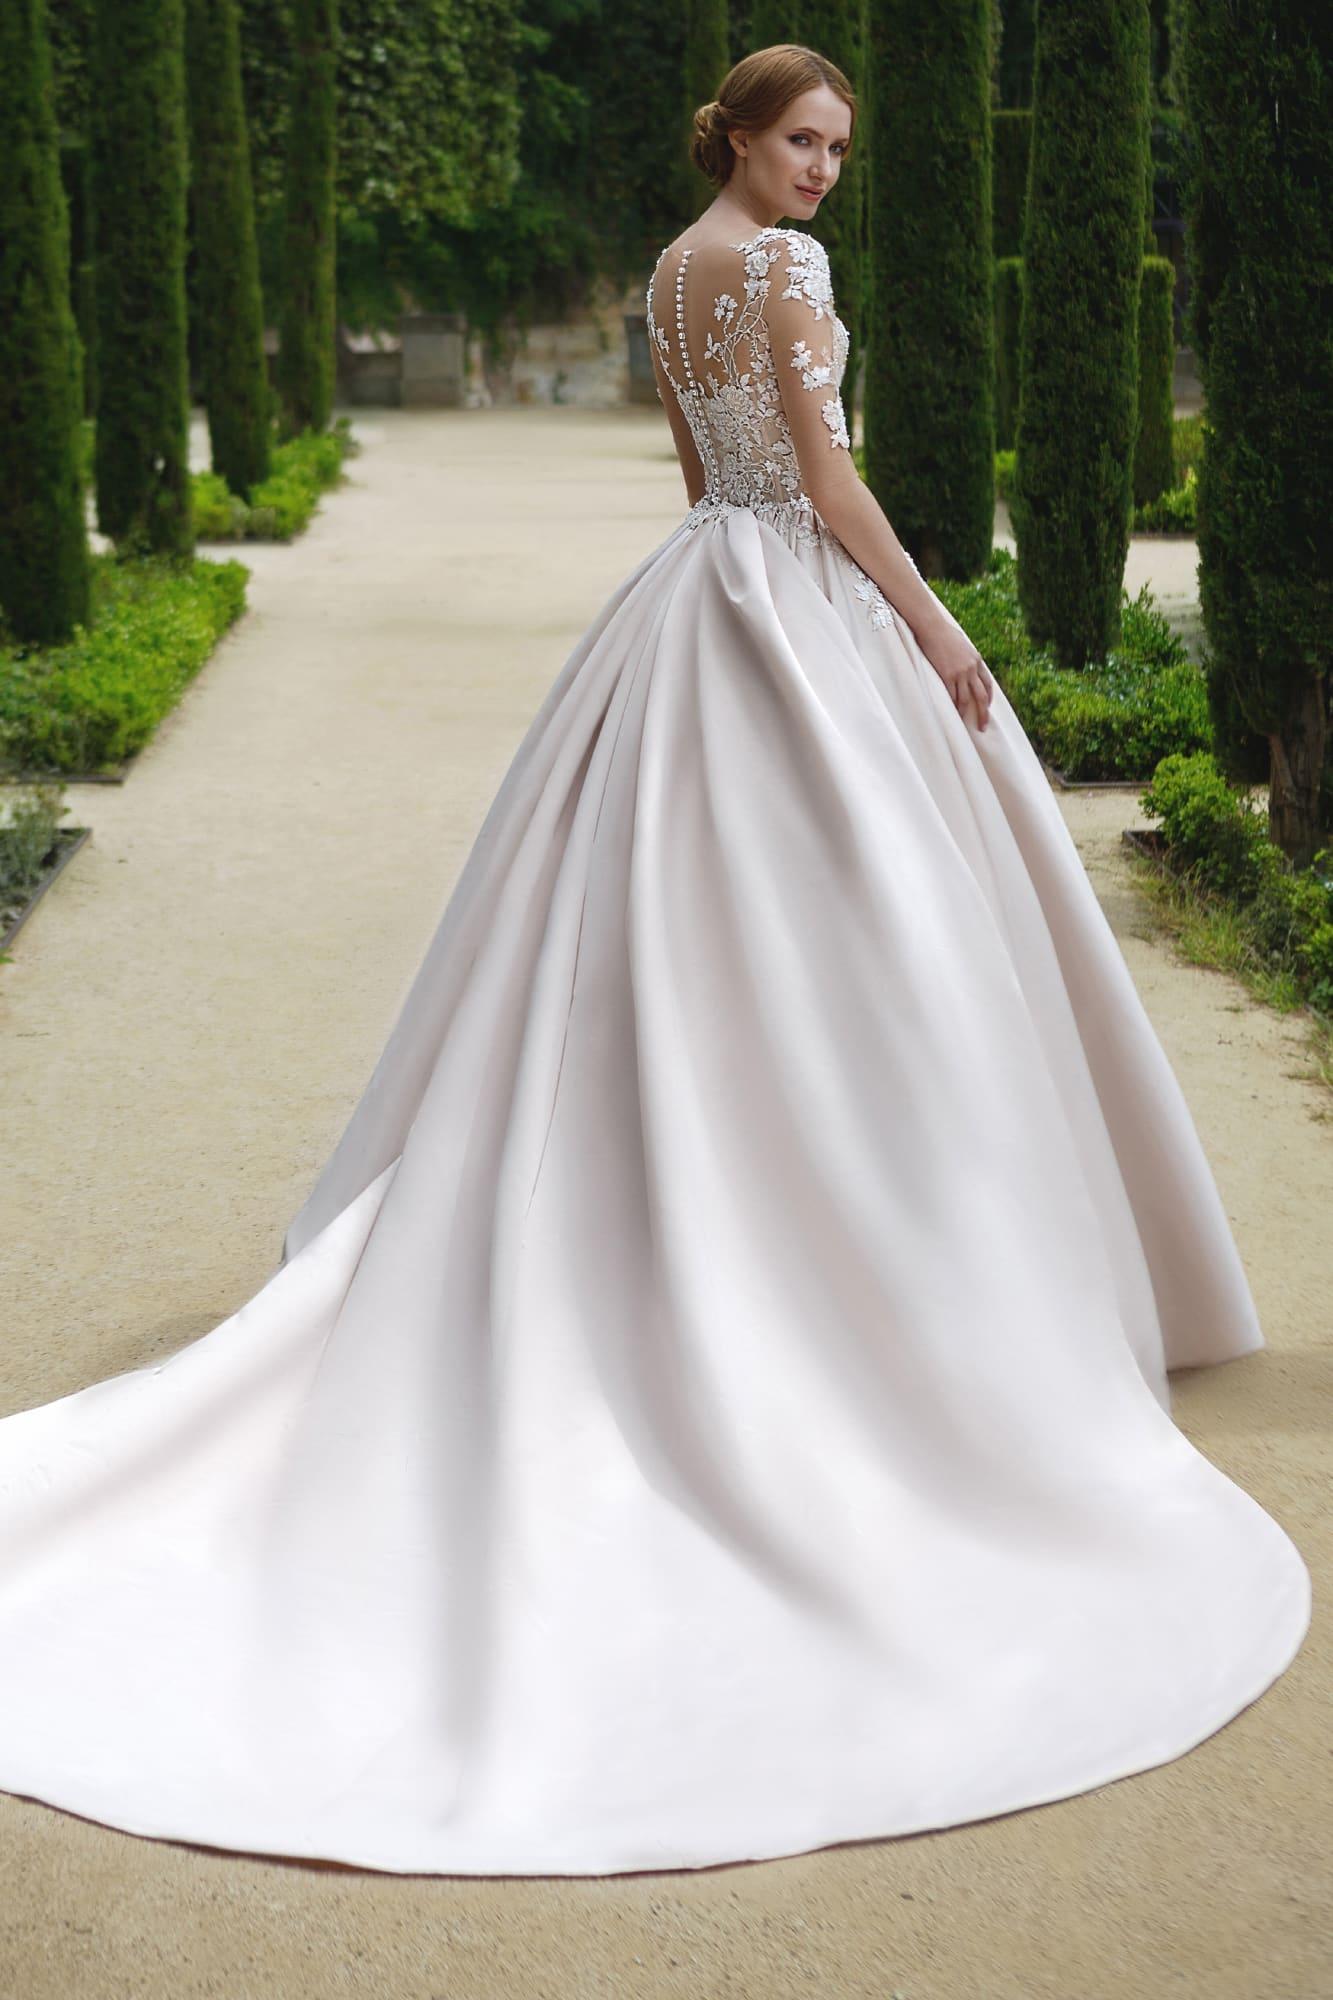 Очаровательное свадебное платье с кружевным декором и пышной атласной юбкой.